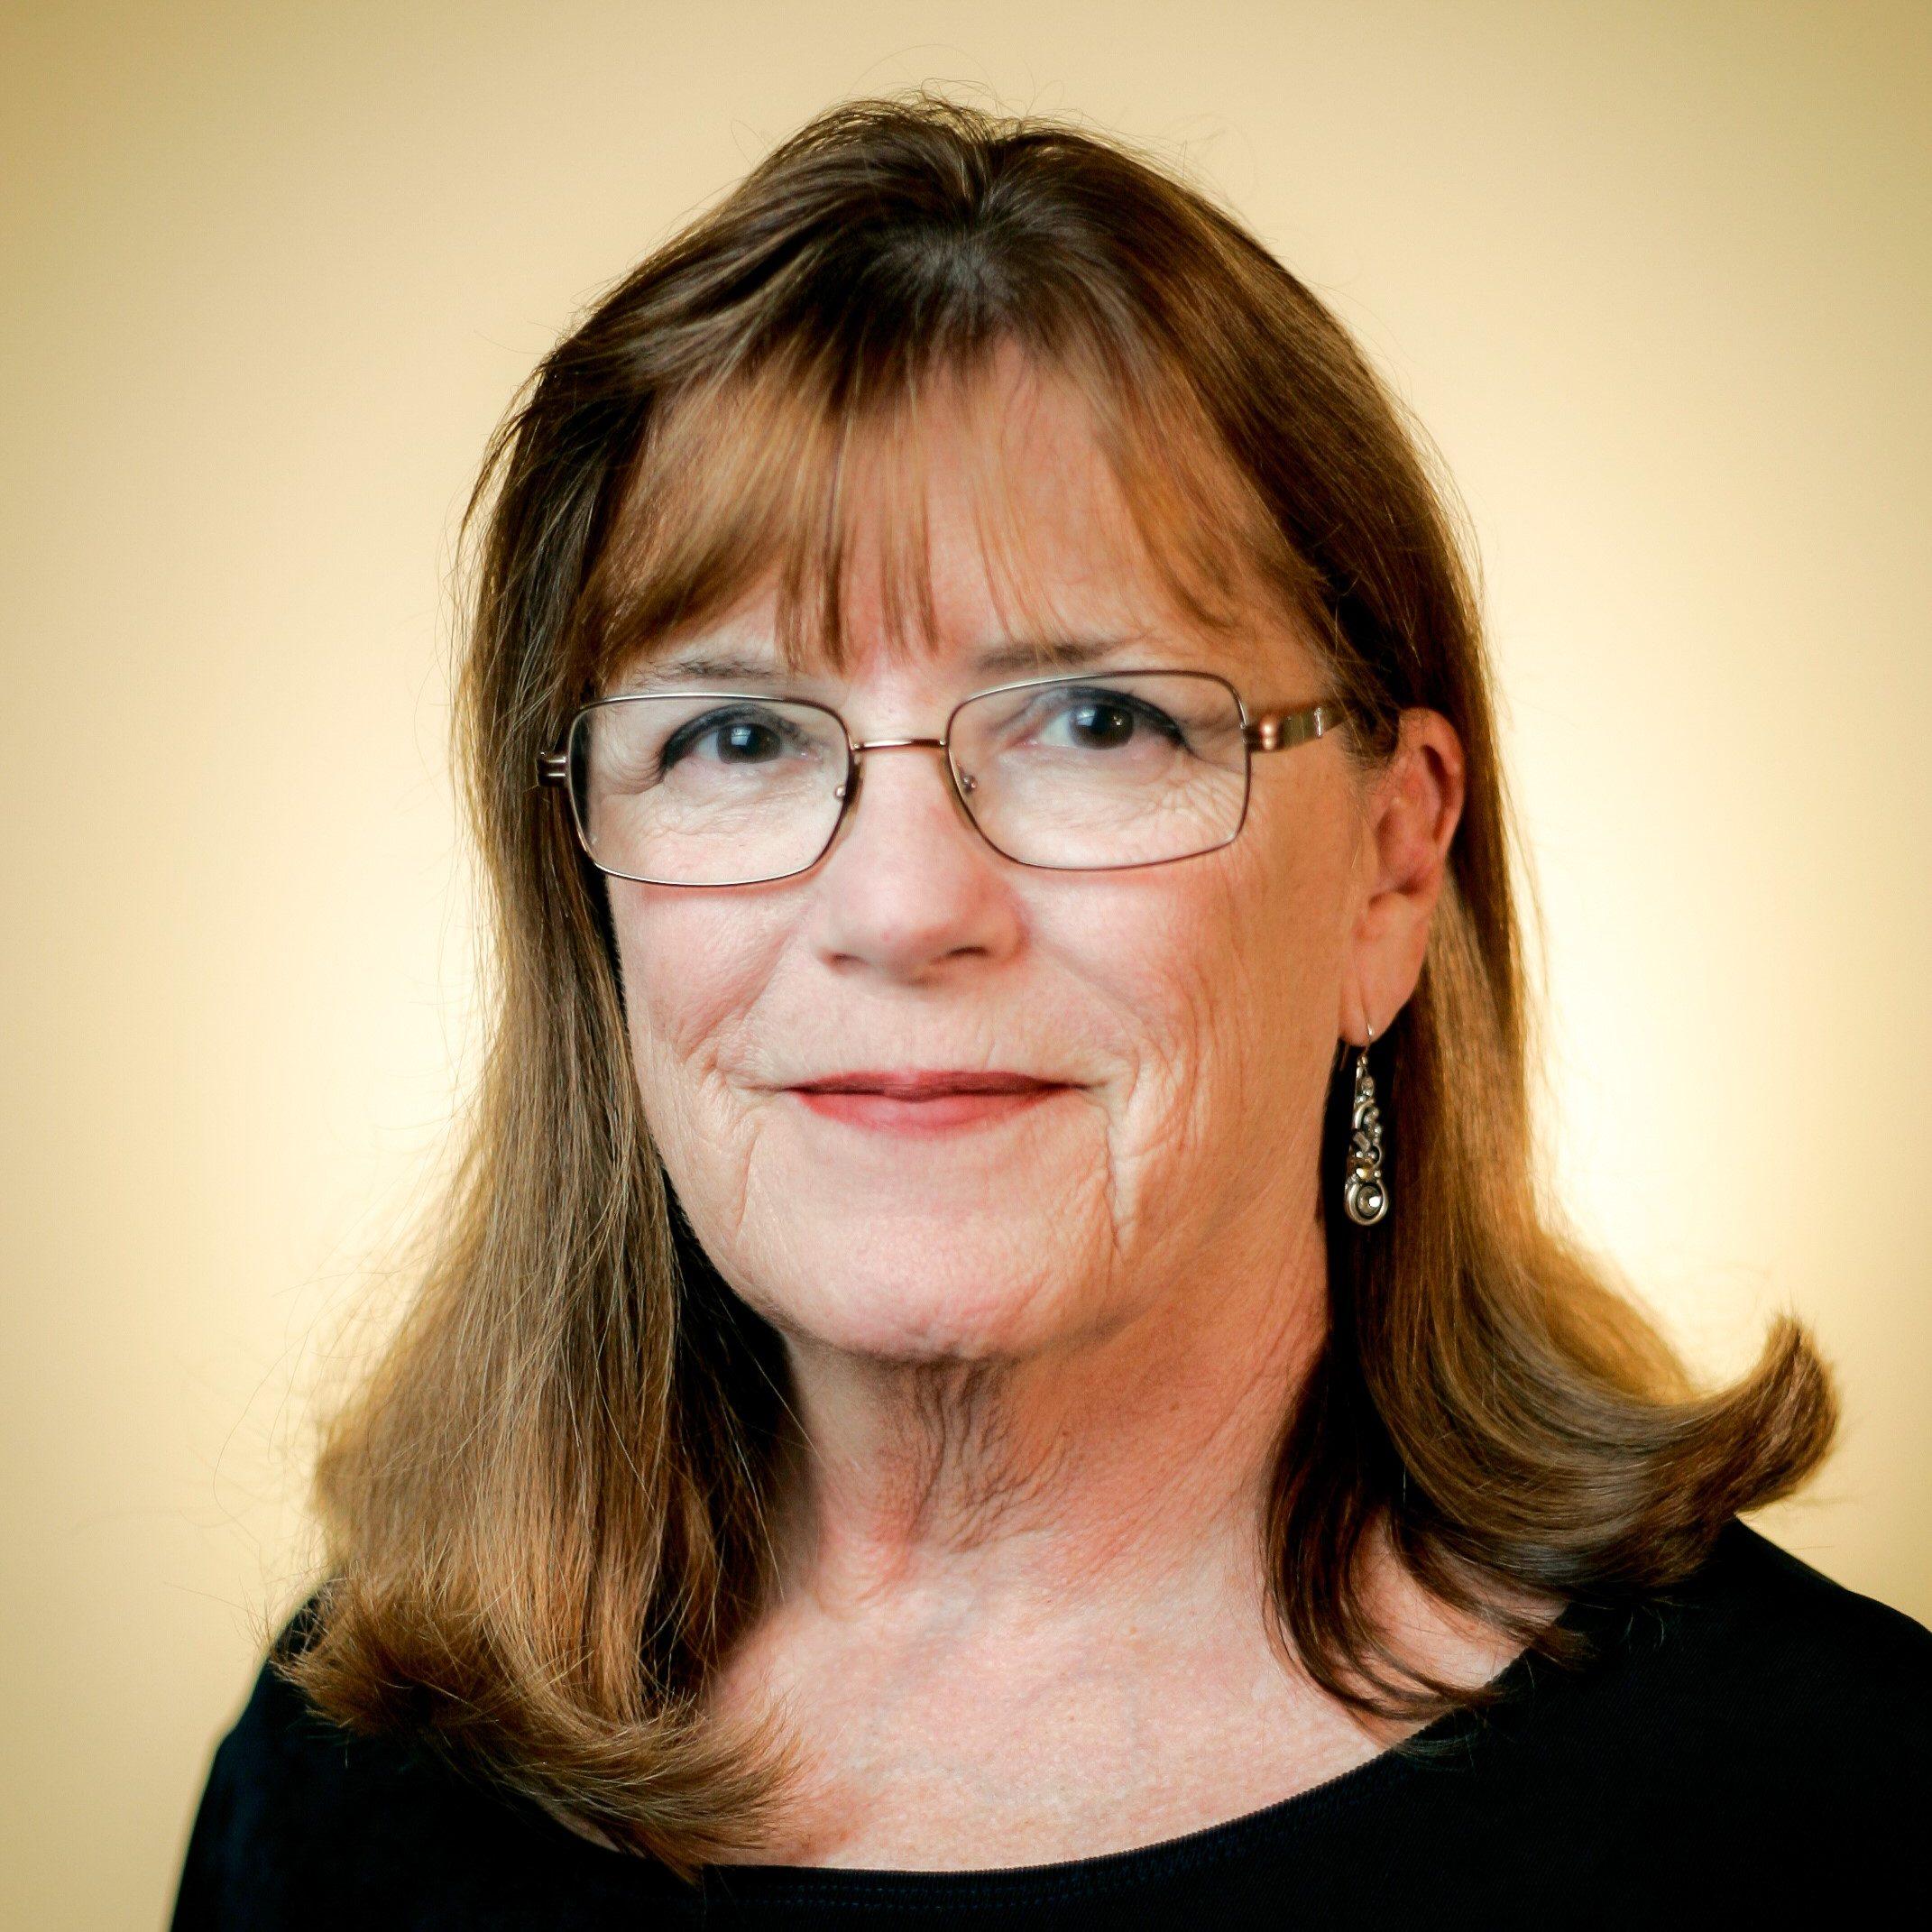 Linda Kody